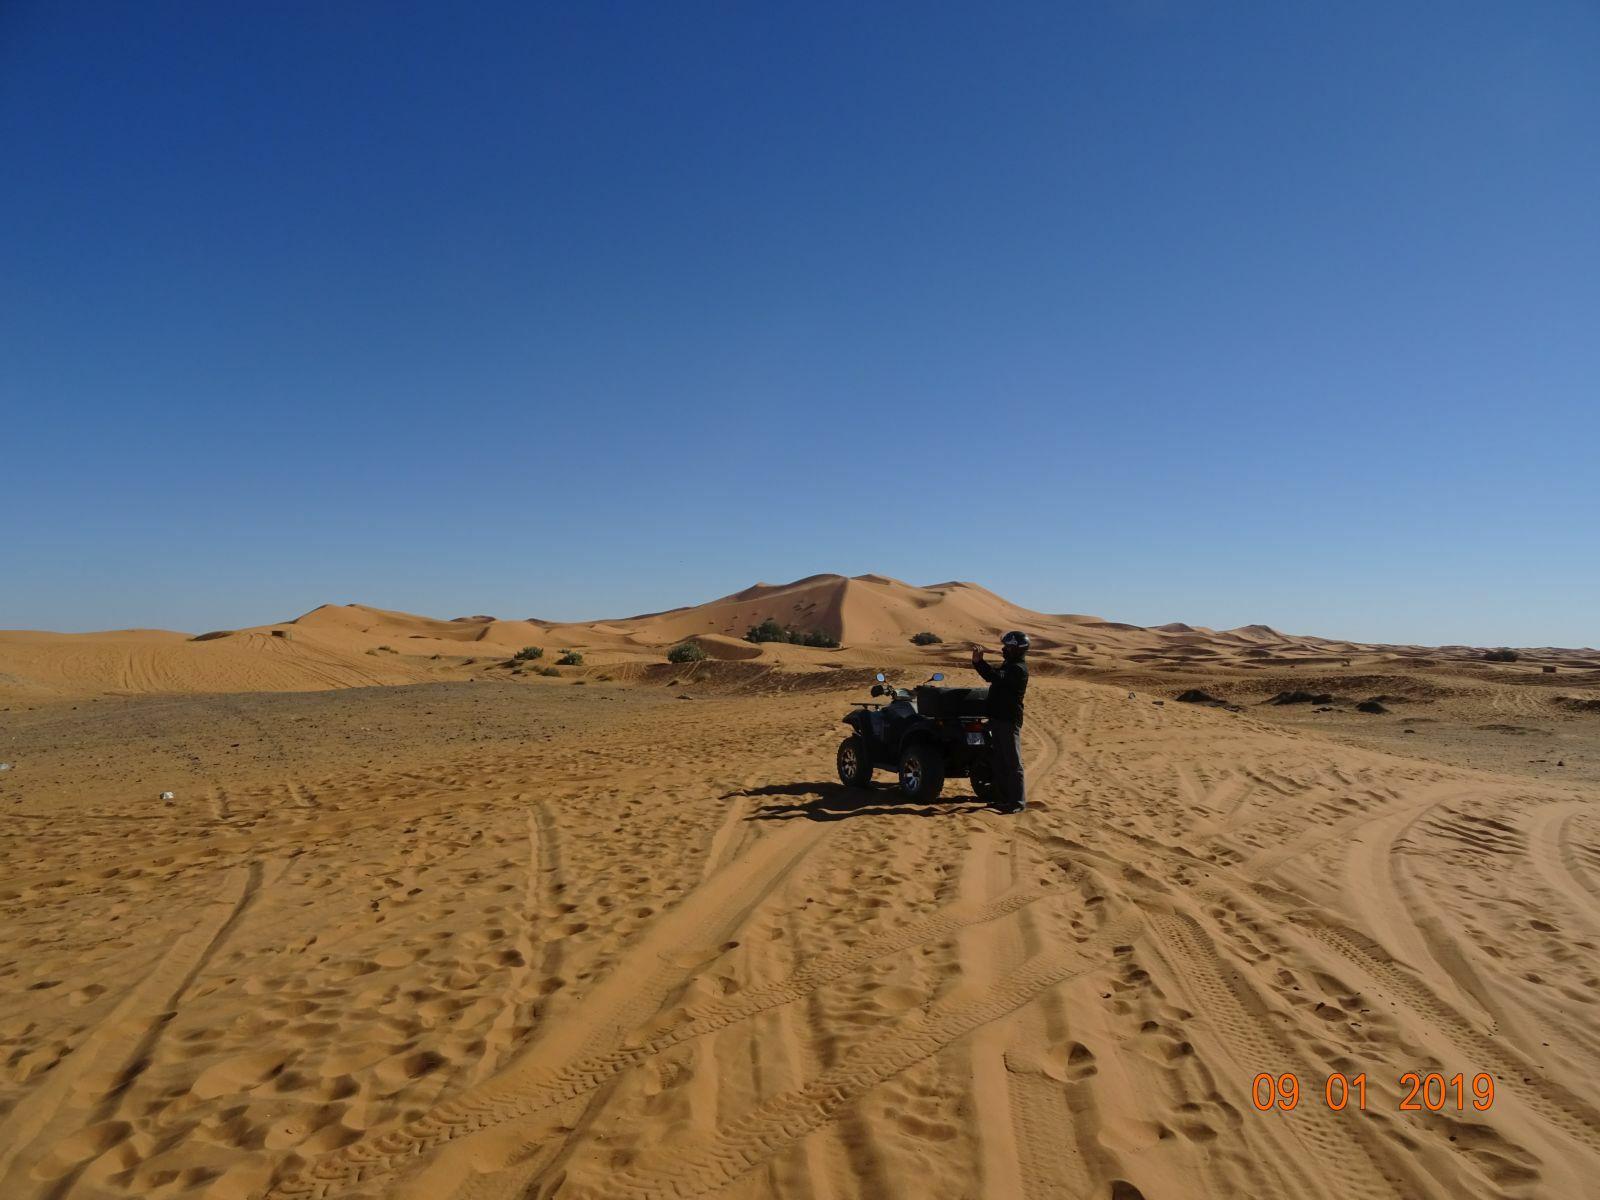 Enfin les dunes de sable